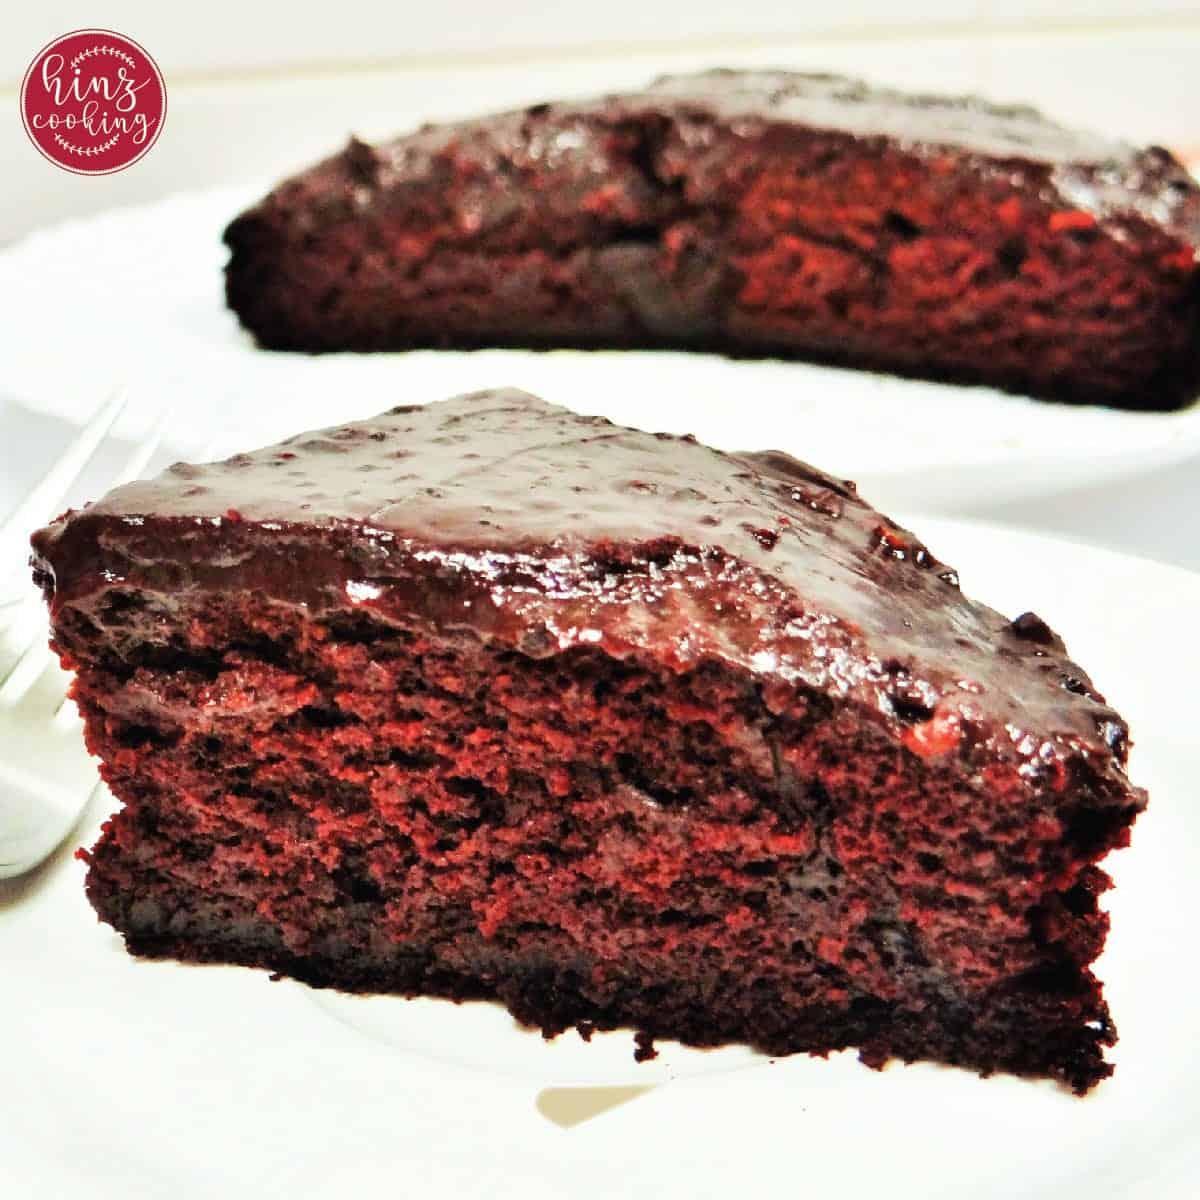 chocoloate depression cake